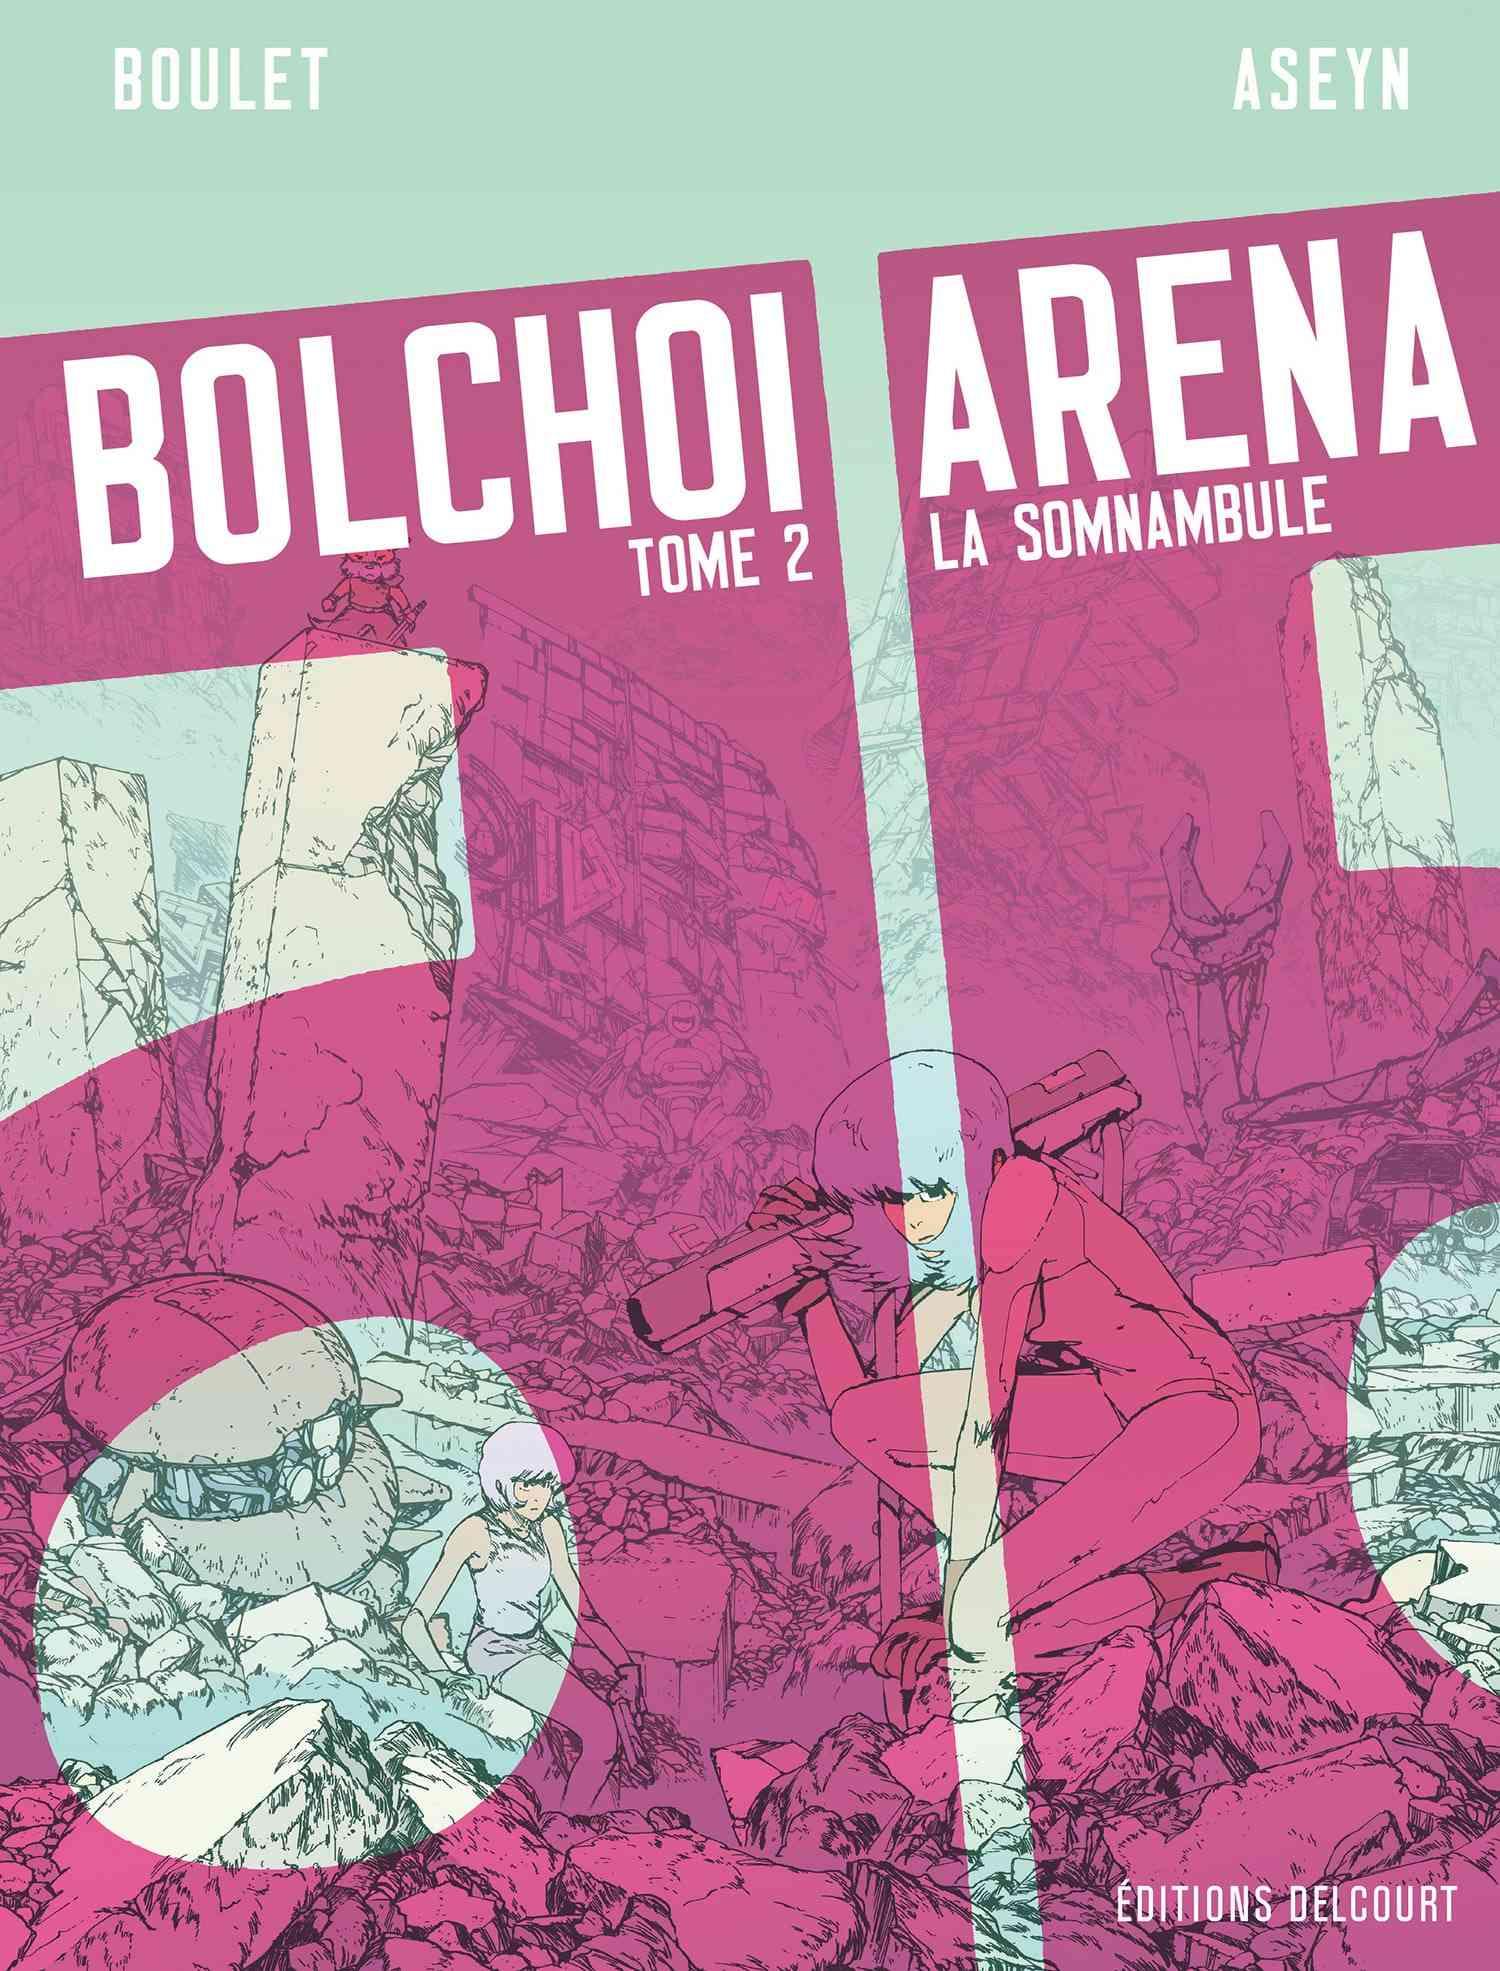 Bolchoi Arena T2, piège virtuel mortel